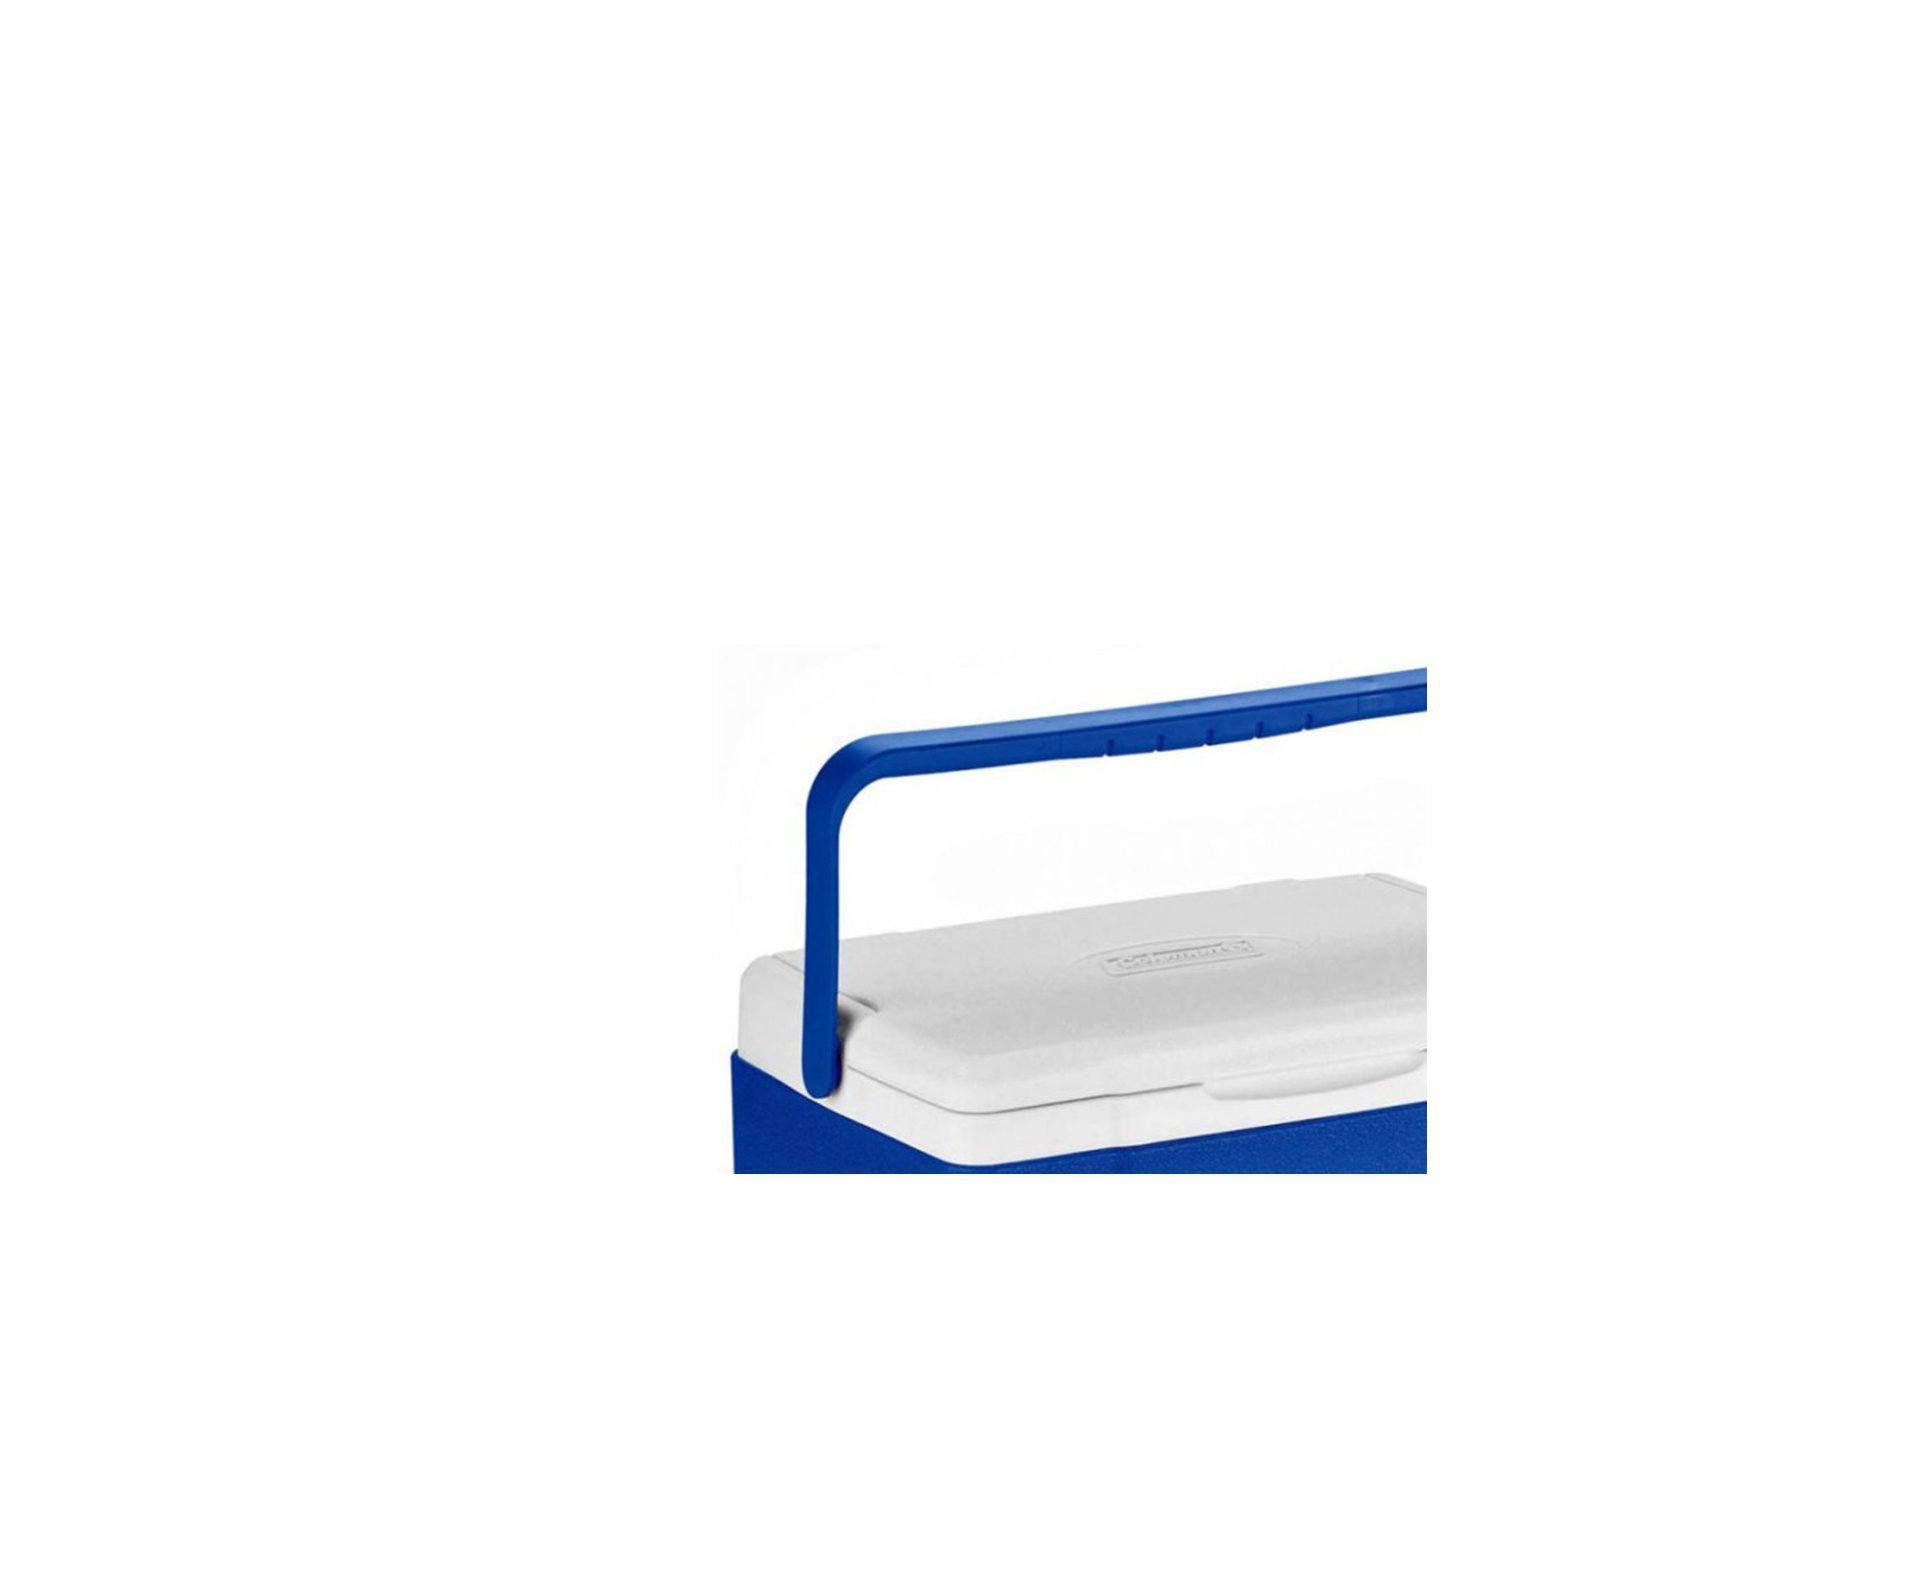 Caixa Térmica 16 Qt (15,1 Lts) Azul - Coleman